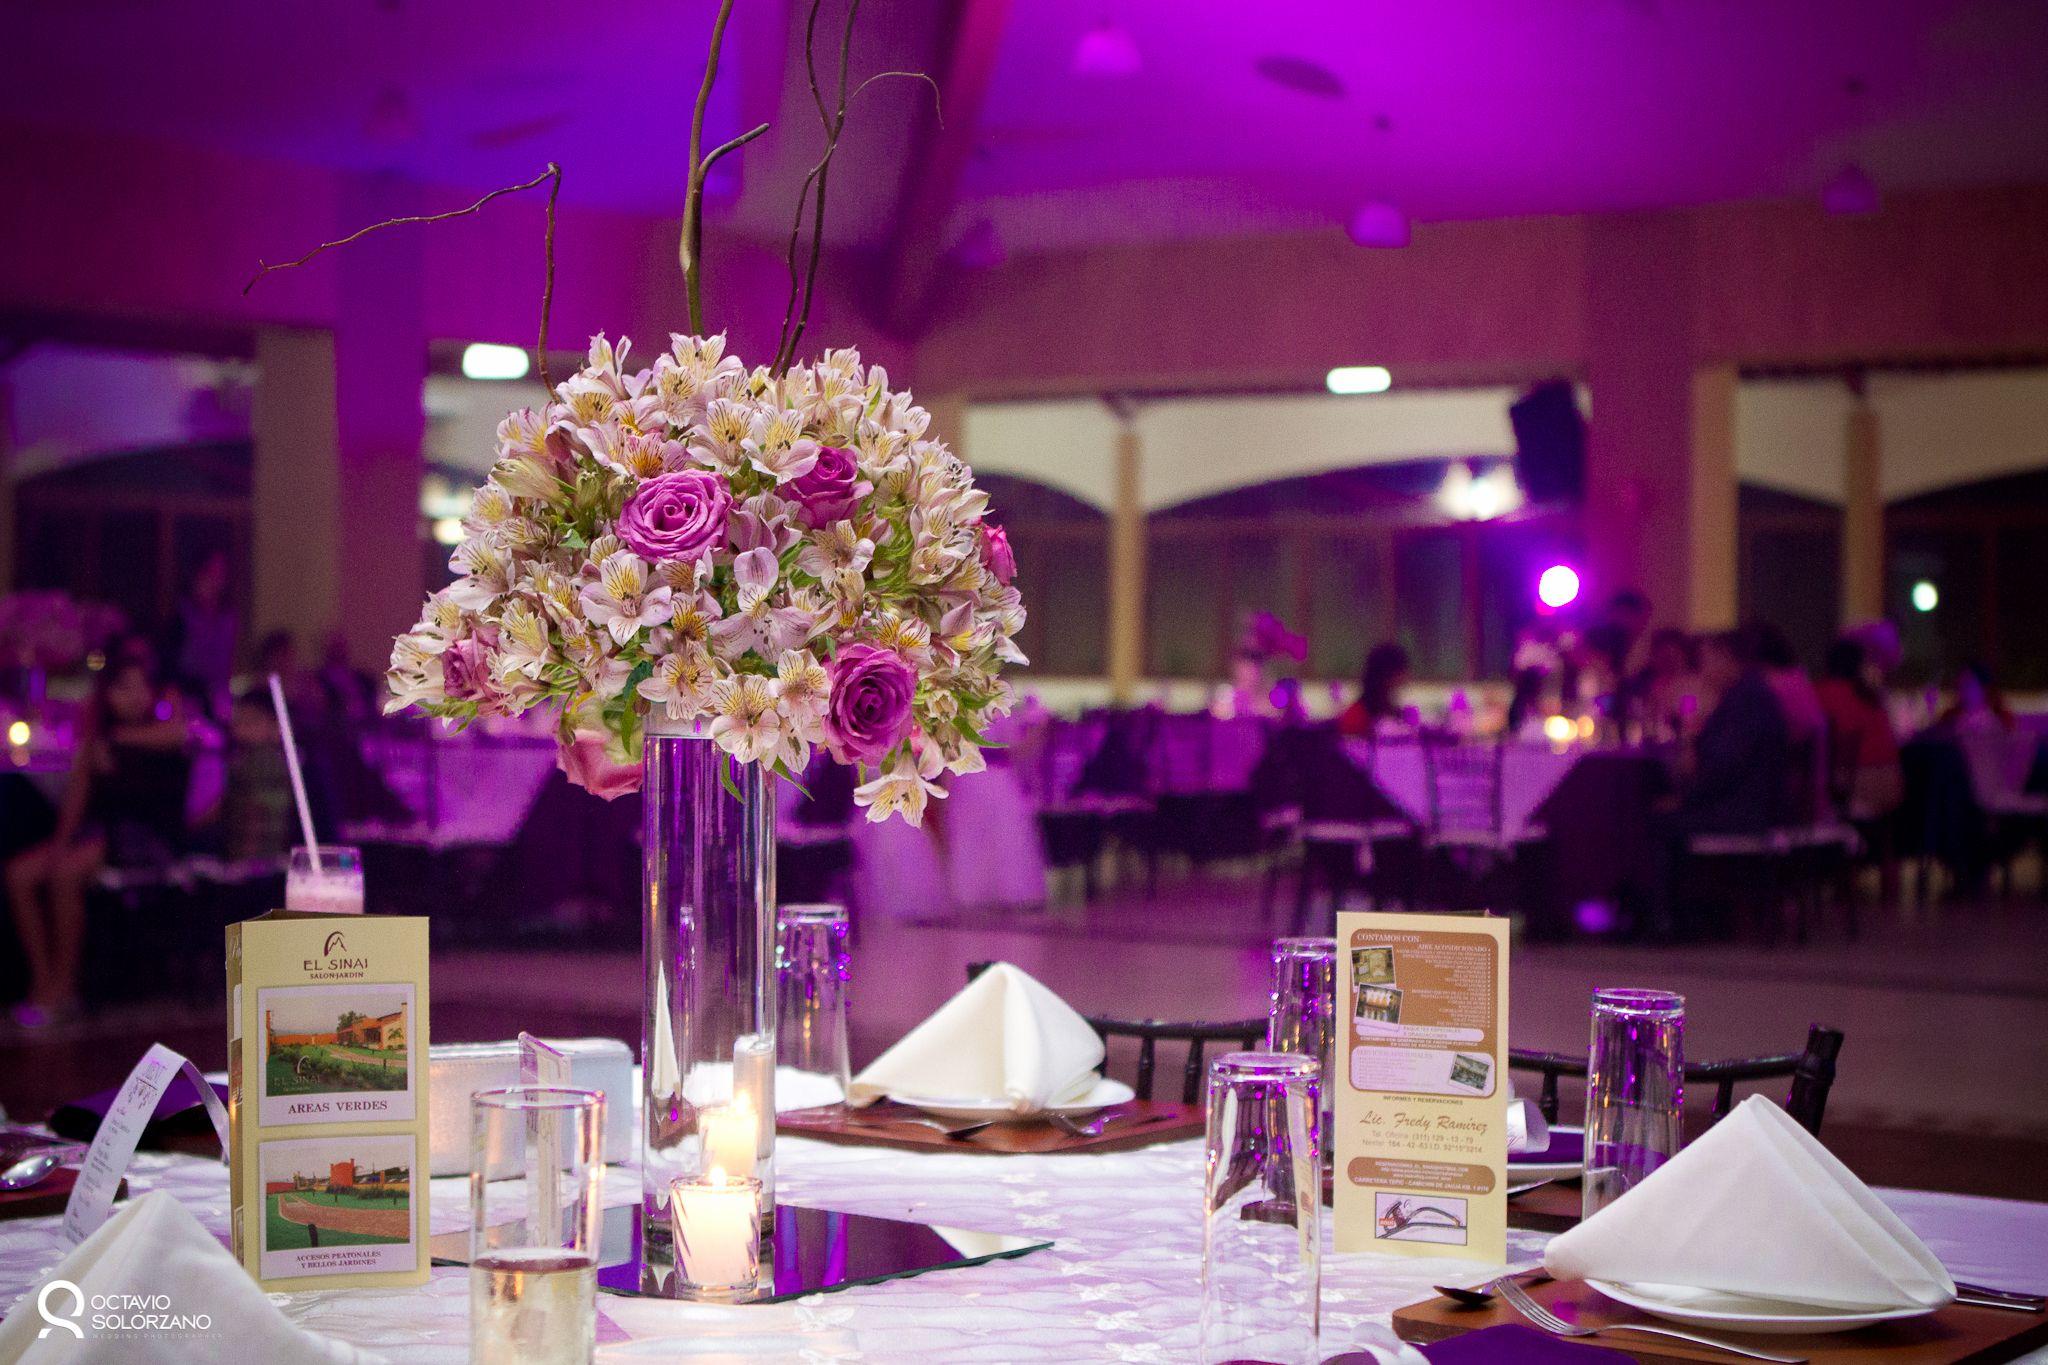 Centros de mesa para quinceanera 2013 centros de mesa - Centro de mesa para salon ...